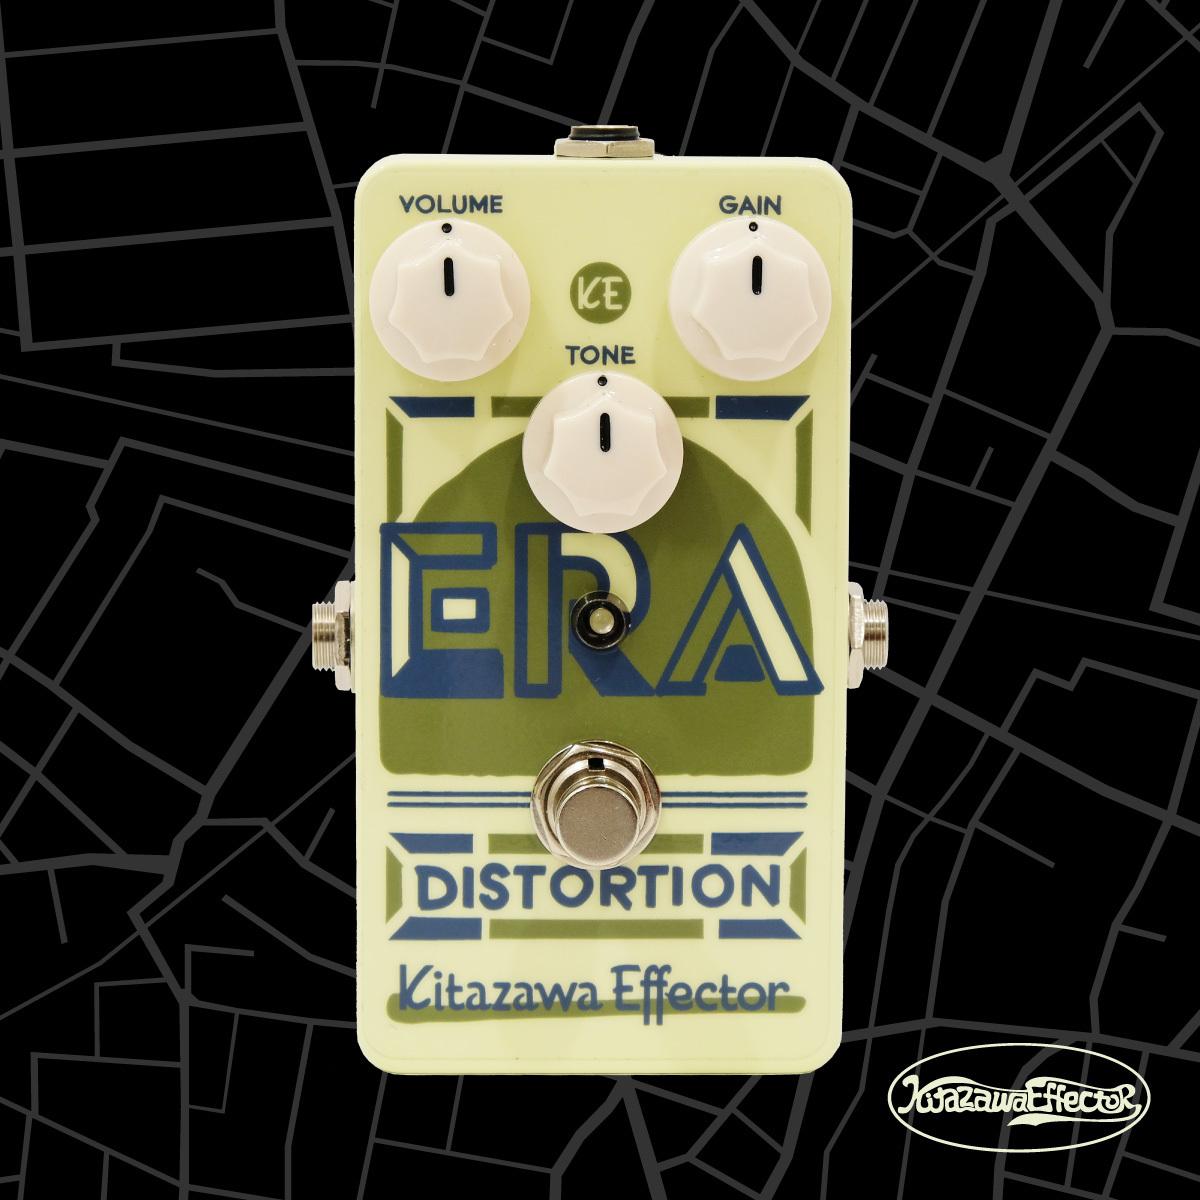 ERA Distortion (ライブハウス:下北沢ERA)